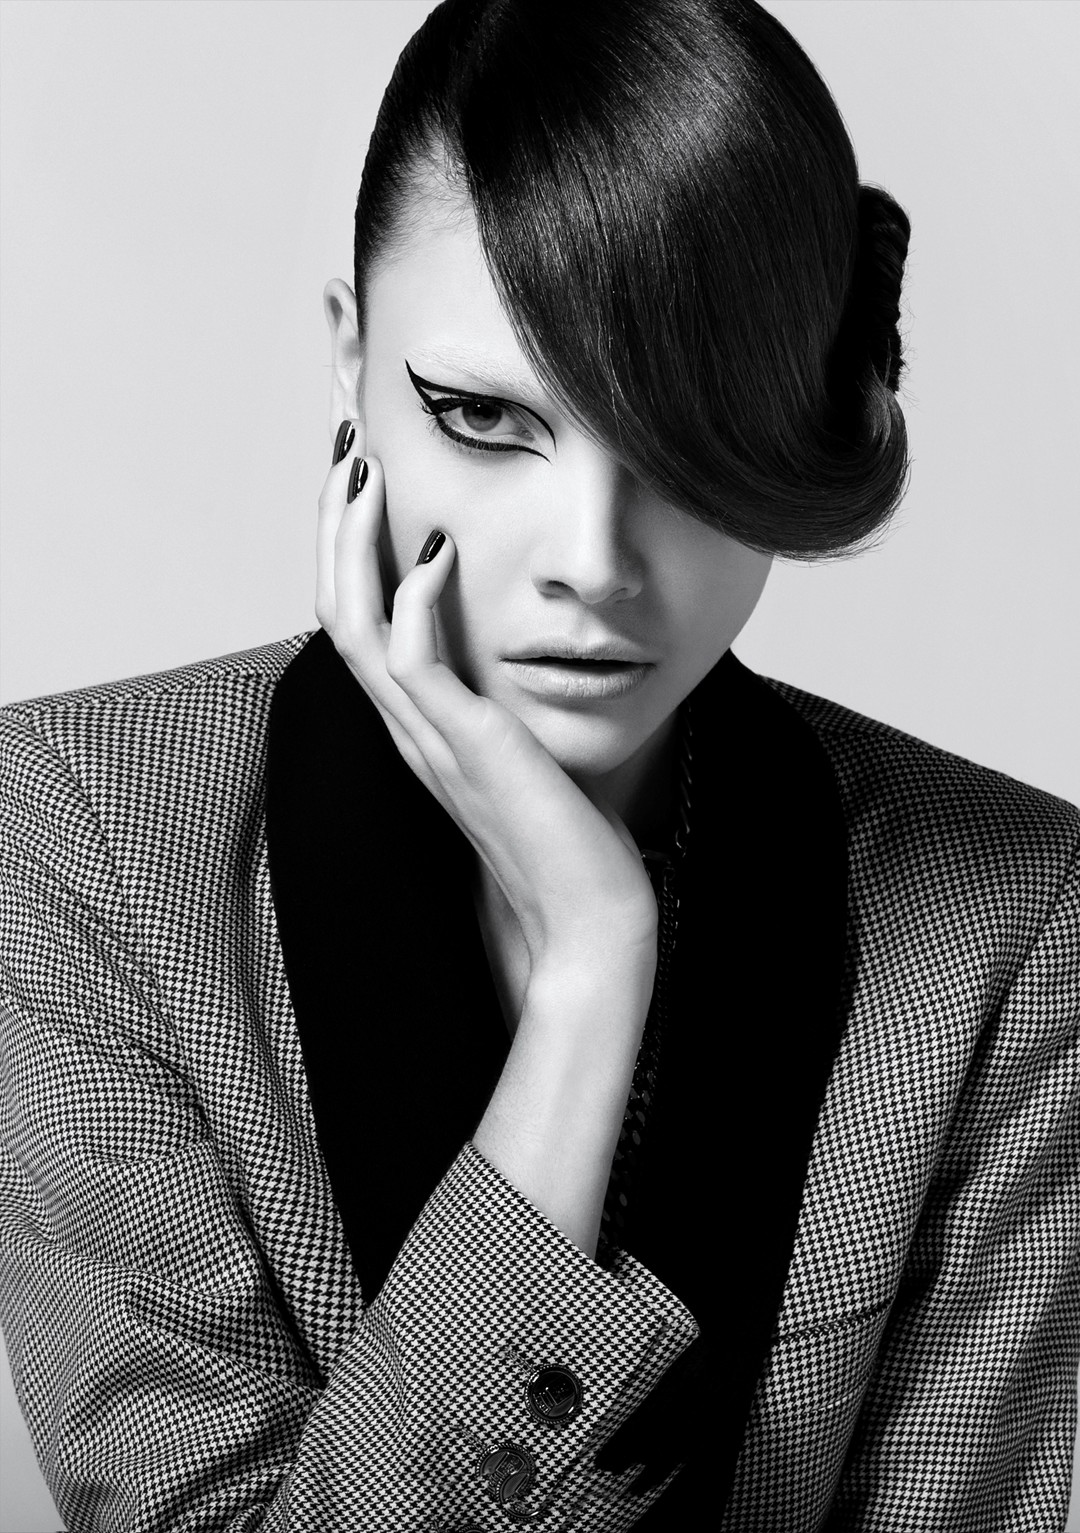 Solweig Lizlow Actor Model Designer